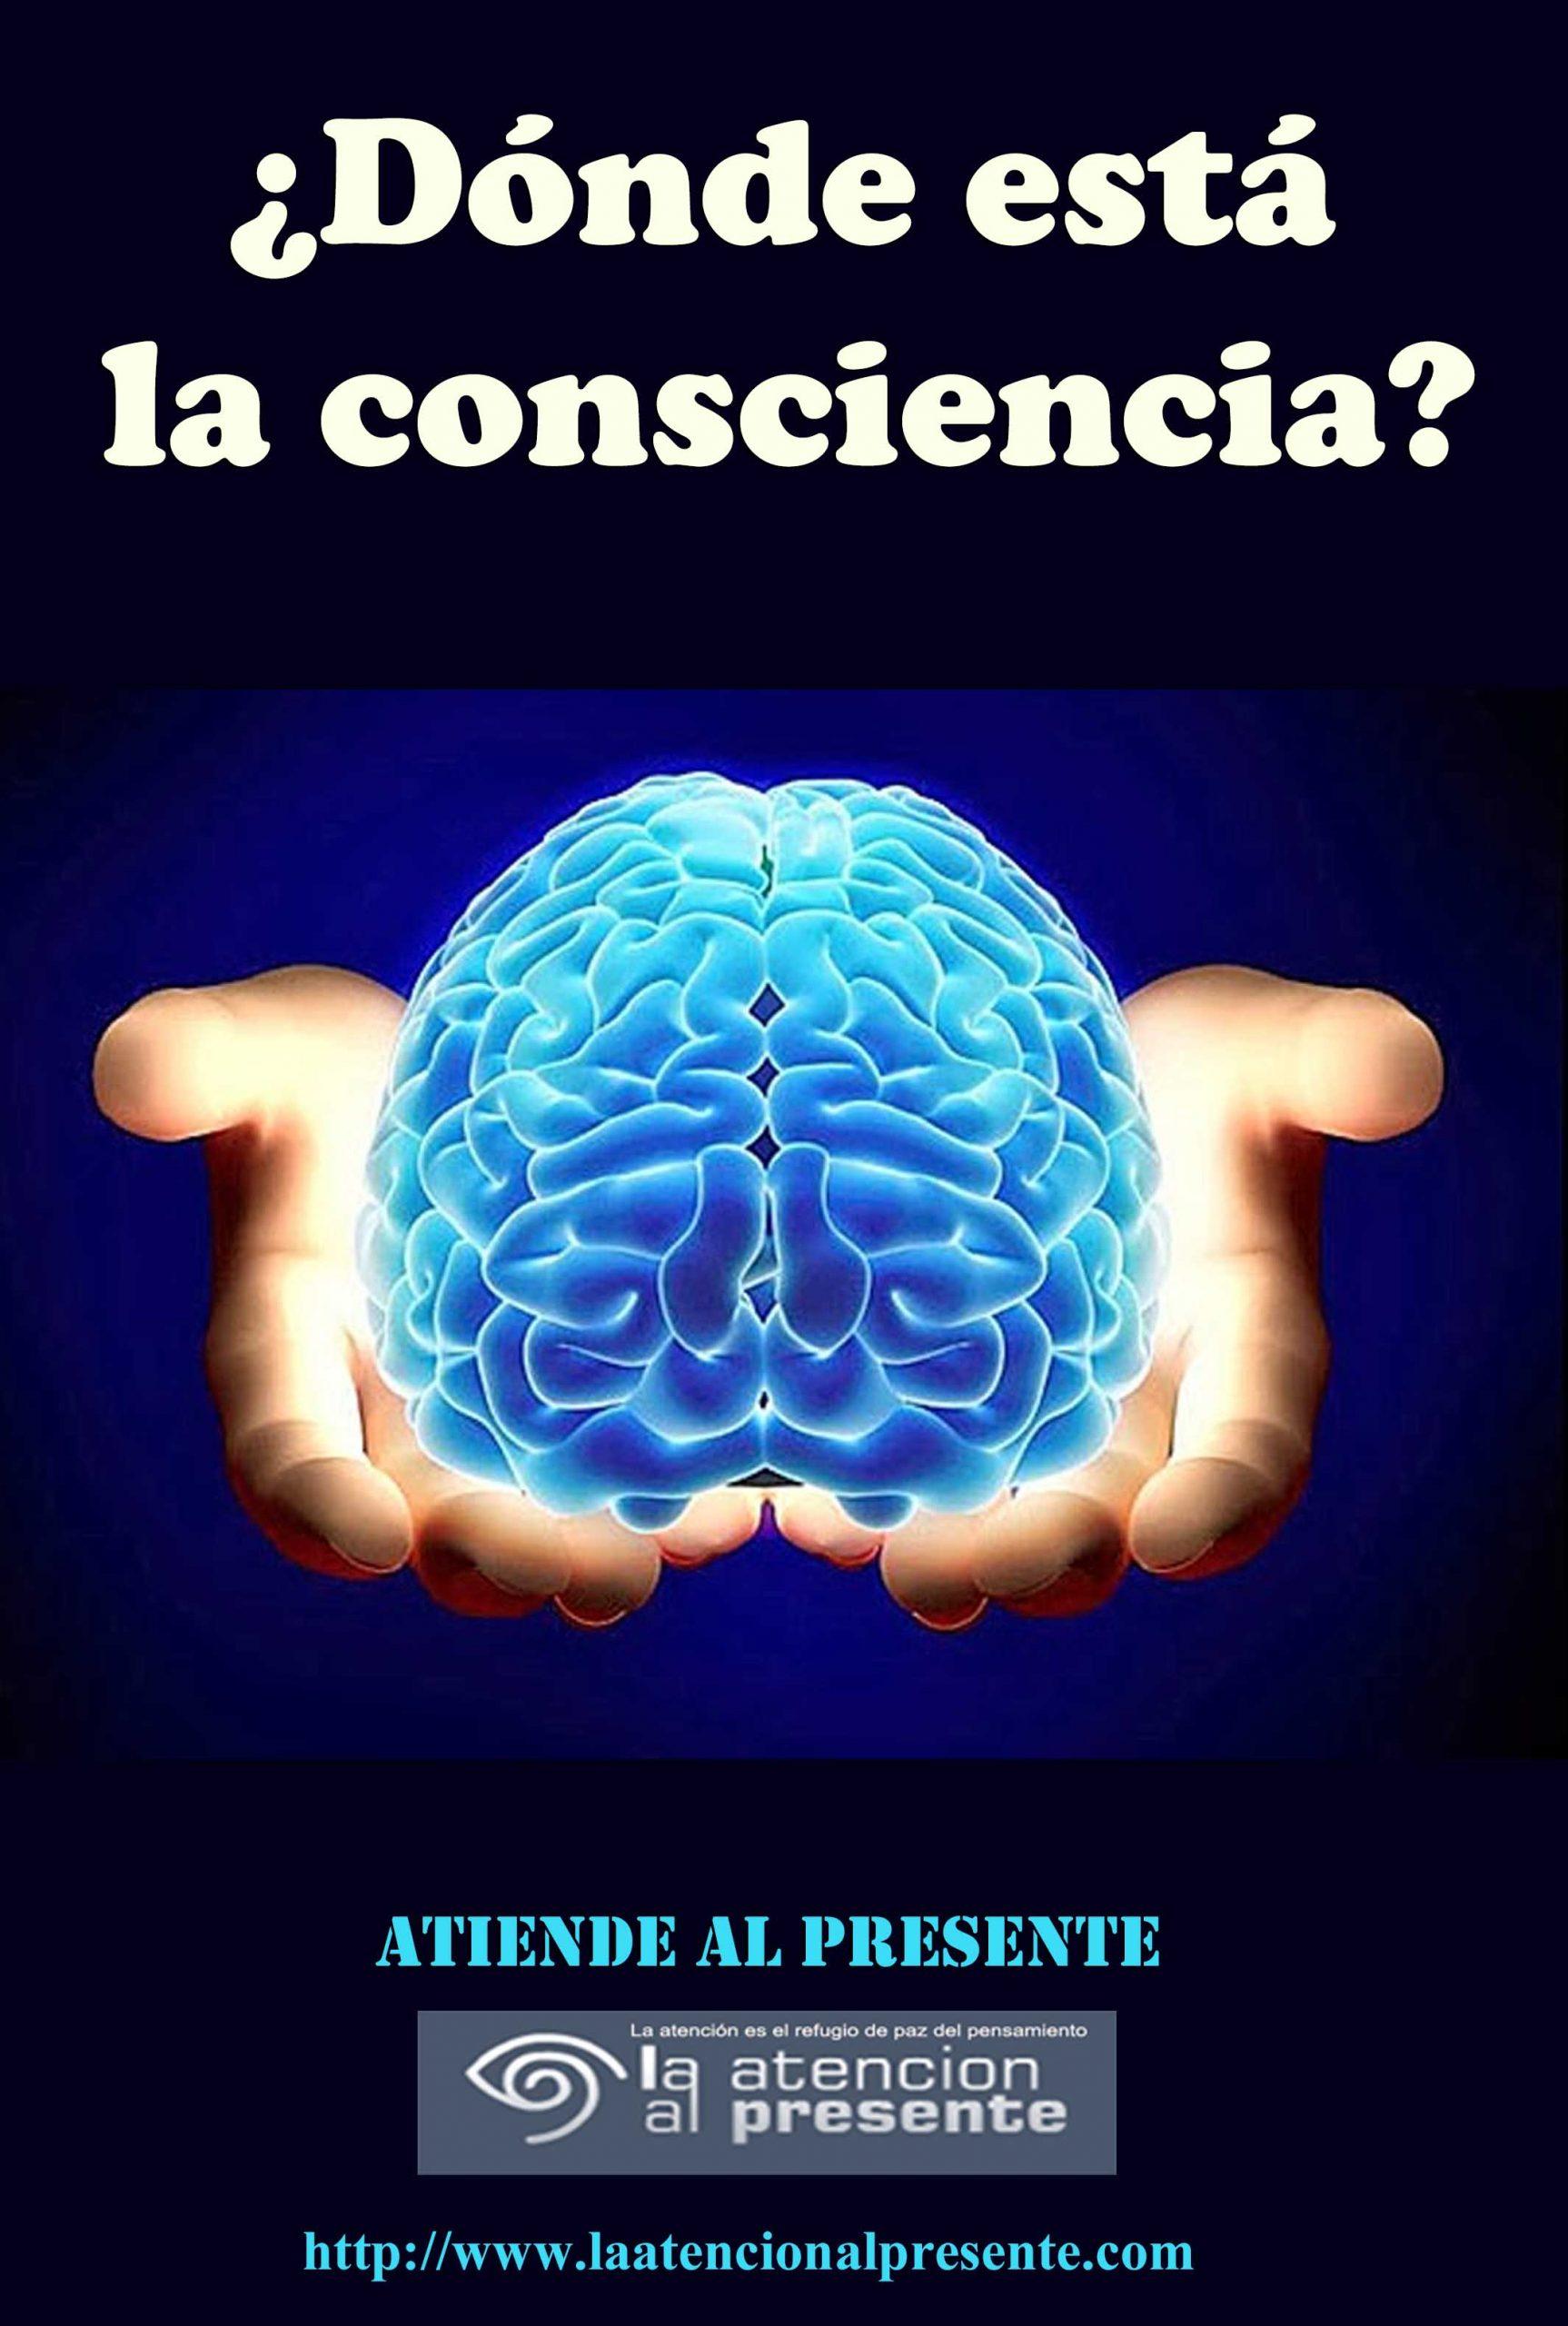 12 de marzo Esteban Dónde está la conciencia min scaled